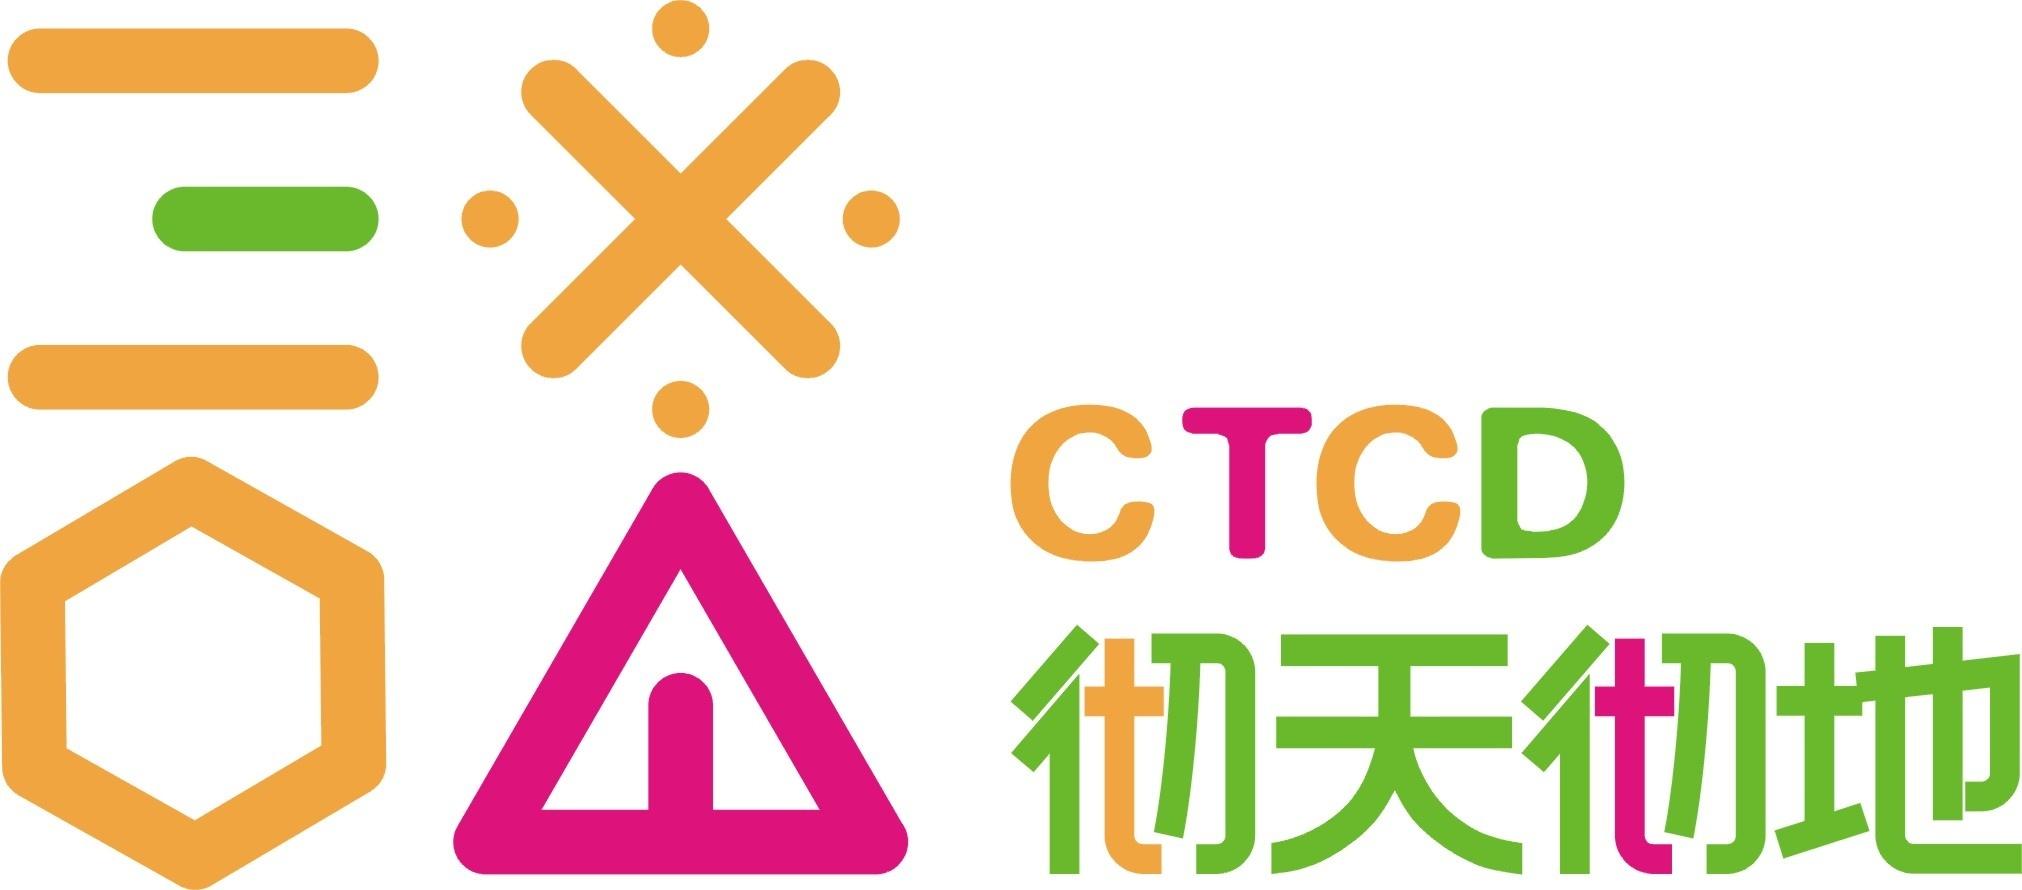 logo logo 标志 设计 矢量 矢量图 素材 图标 2022_890